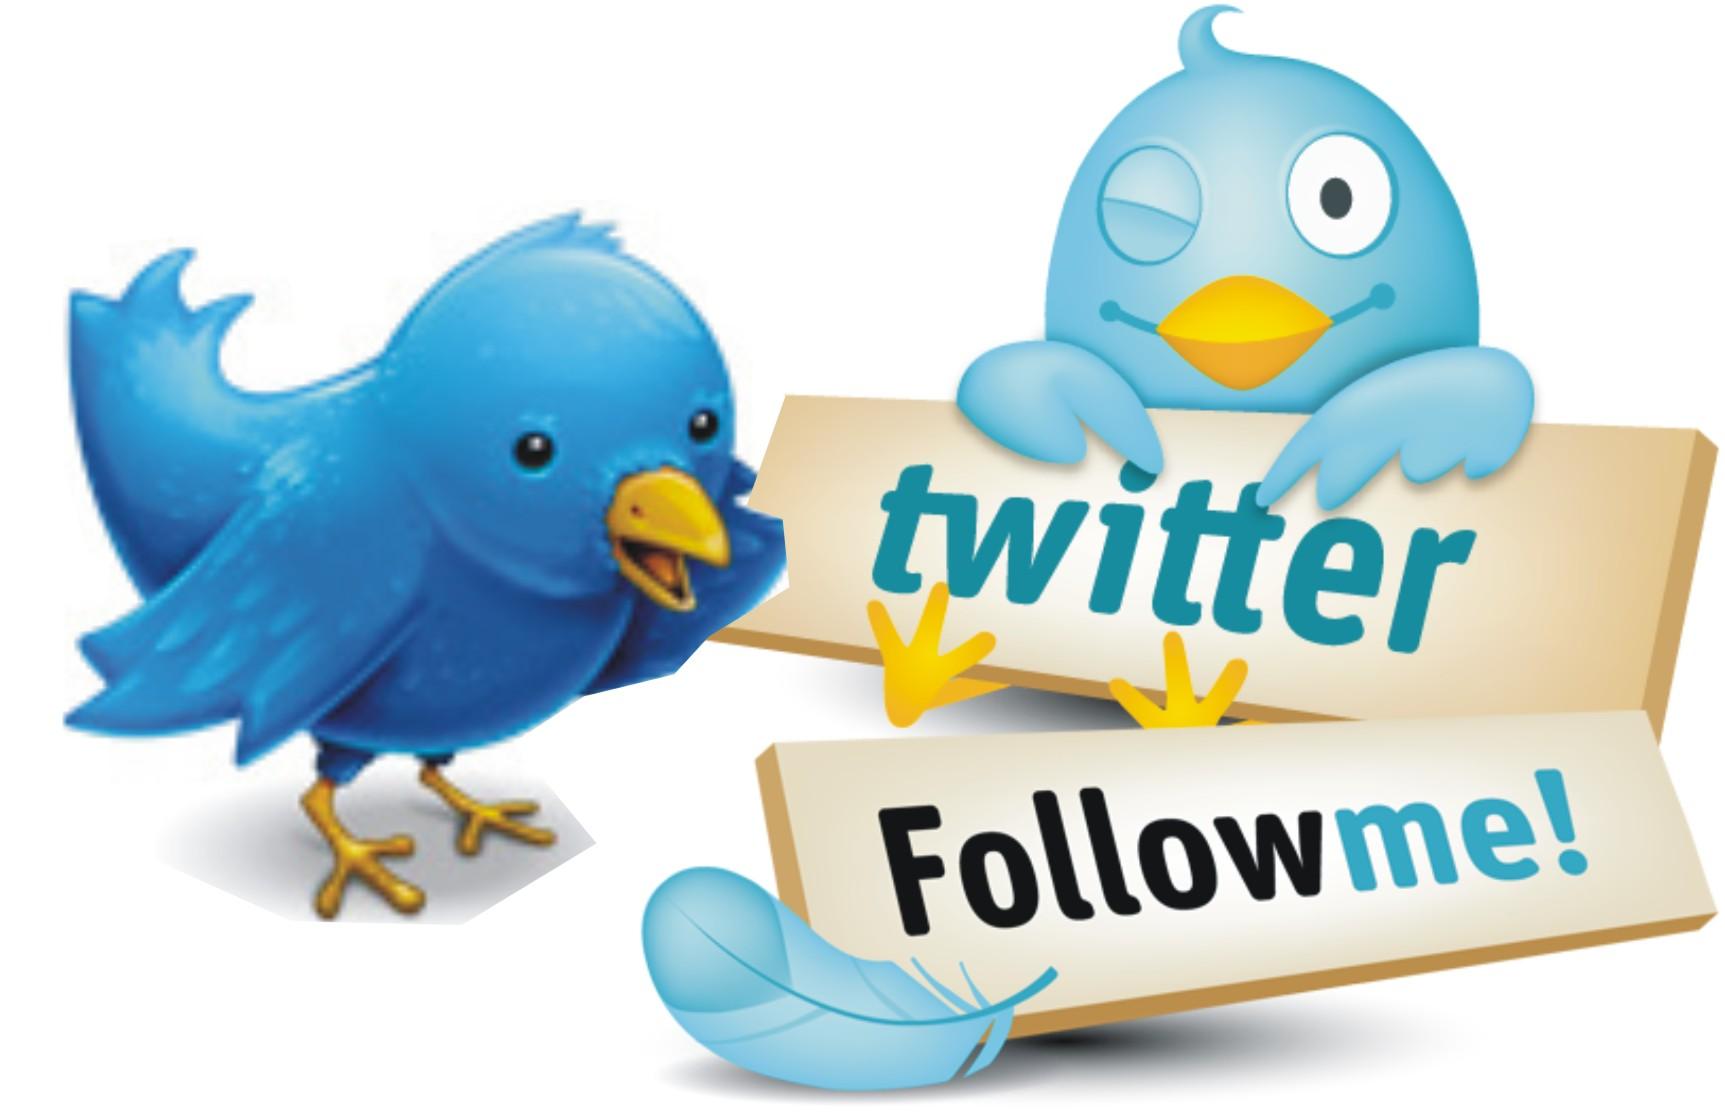 Cara Mudah agar follower twitter banyak